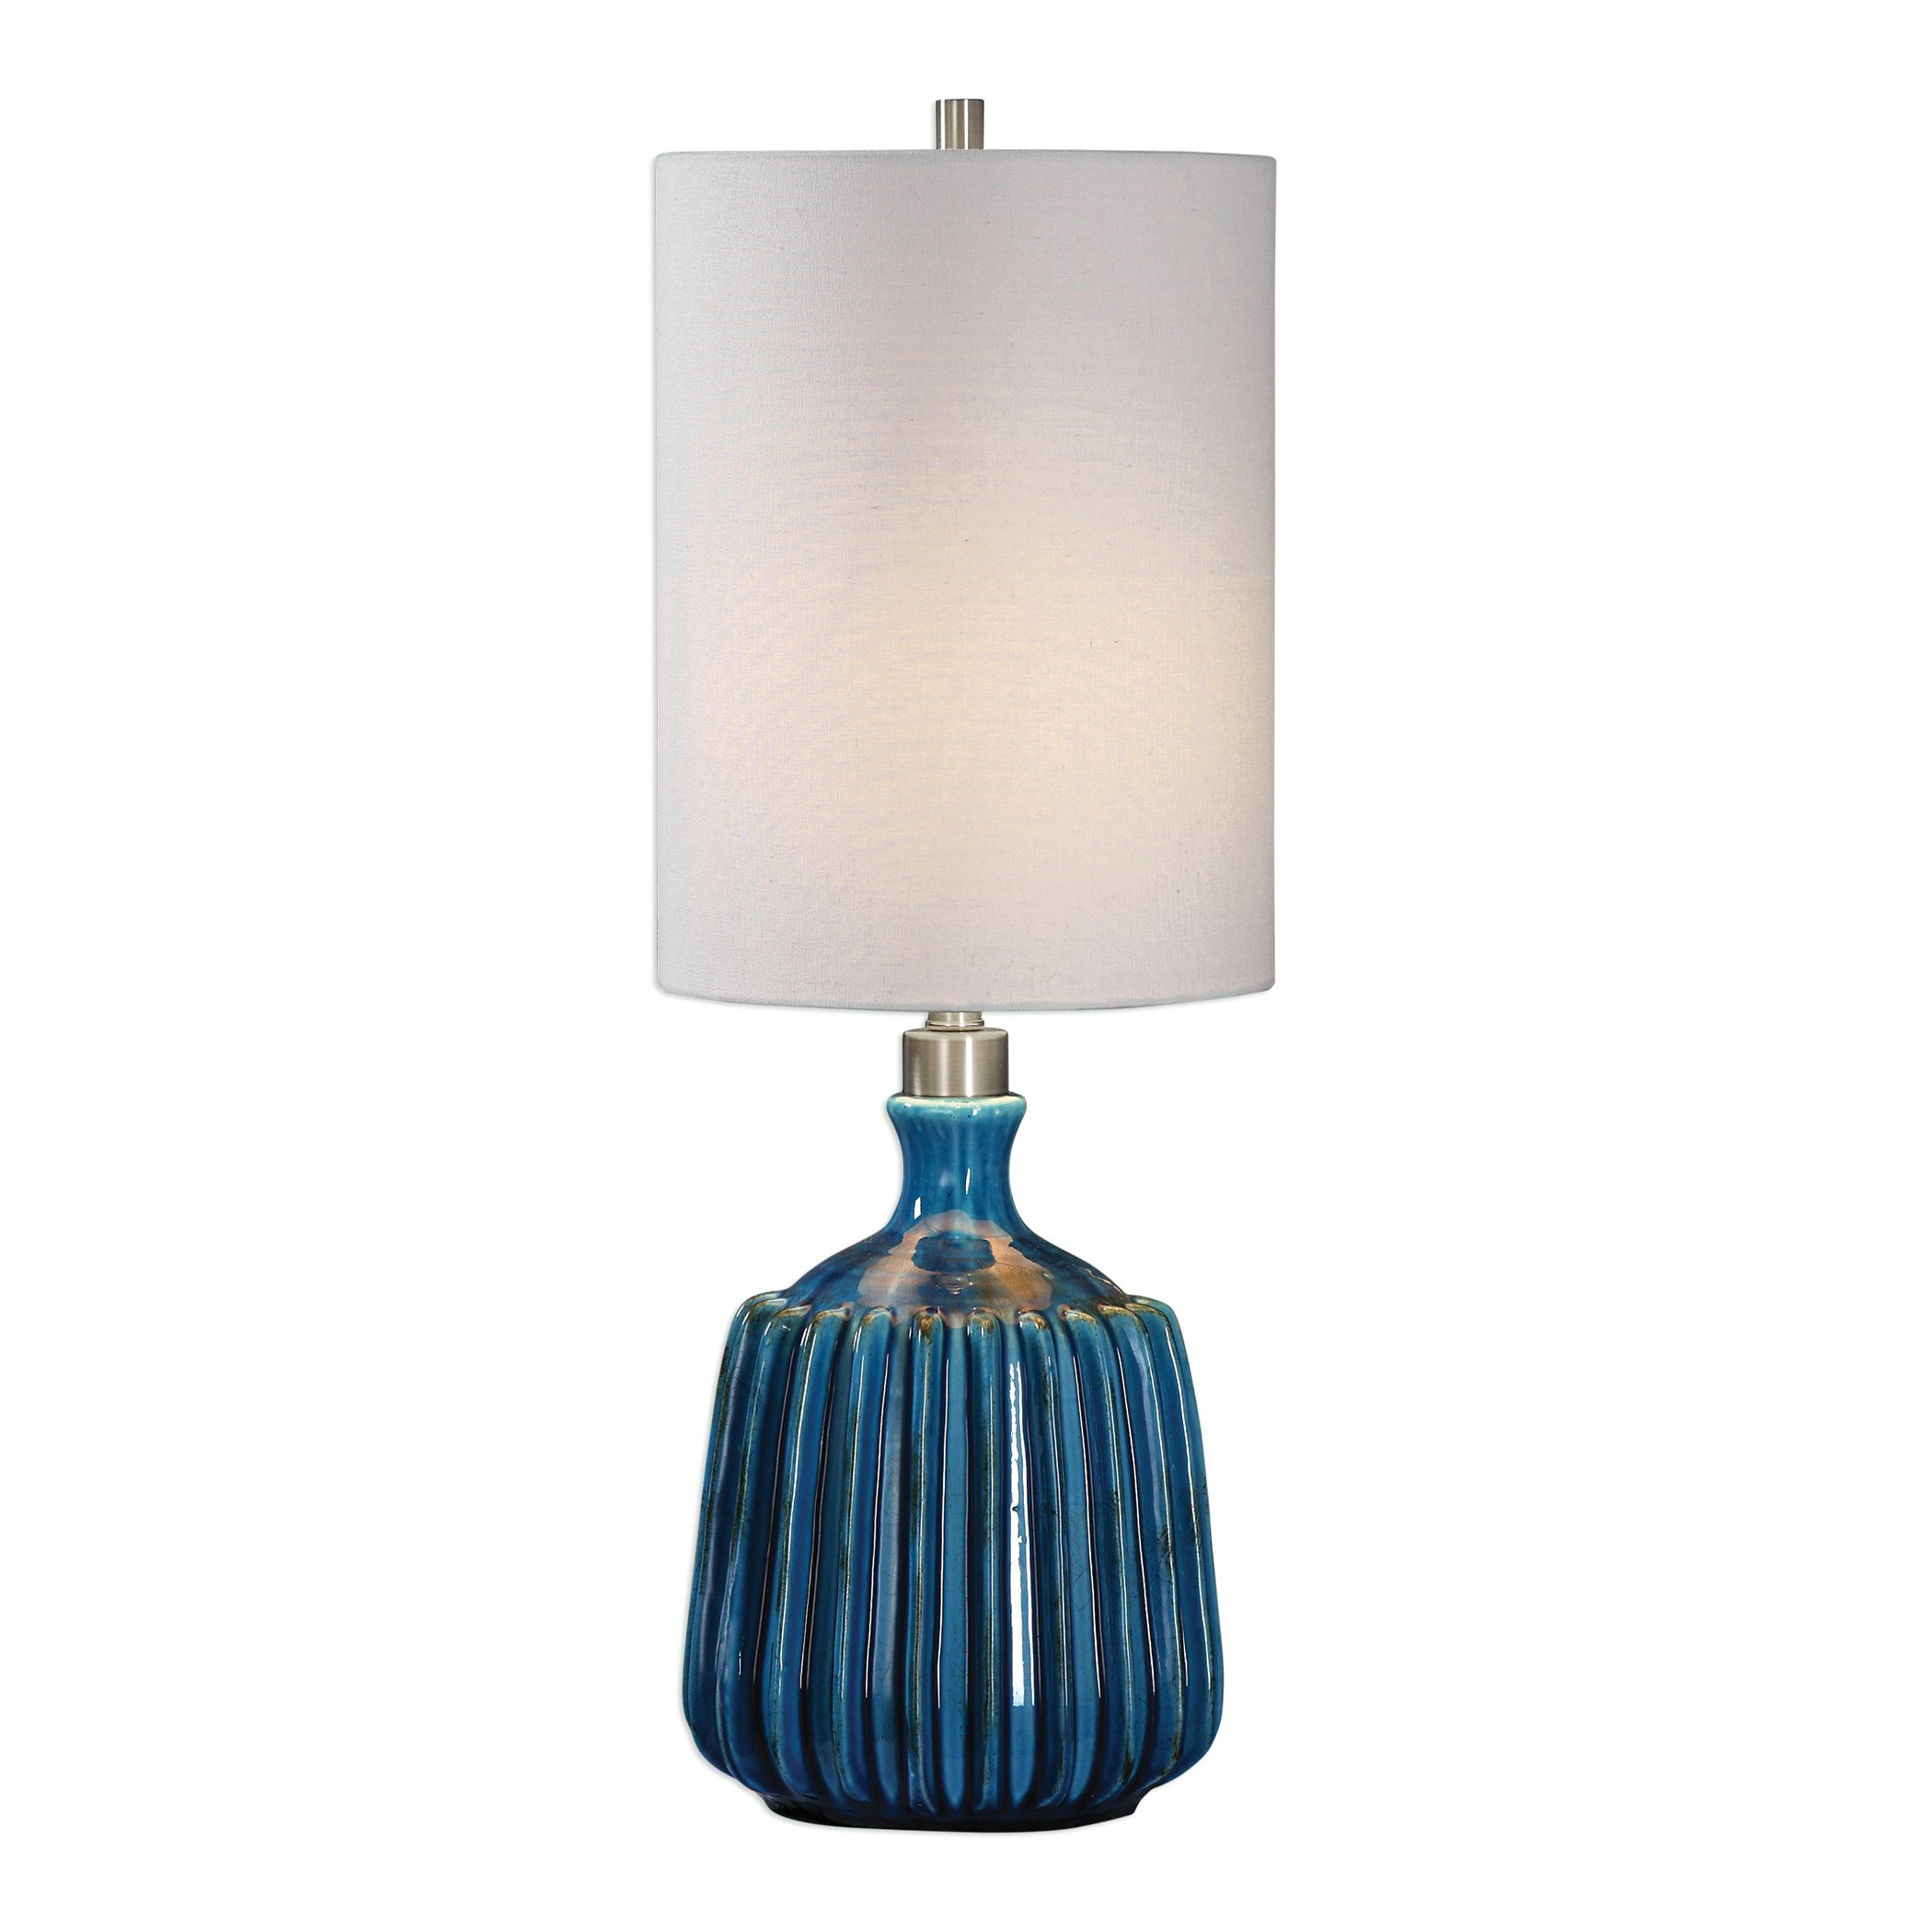 Amaris Blue Ceramic Lamp Painted Fox Home In 2020 Blue Ceramic Lamp Ceramic Lamp Lamp